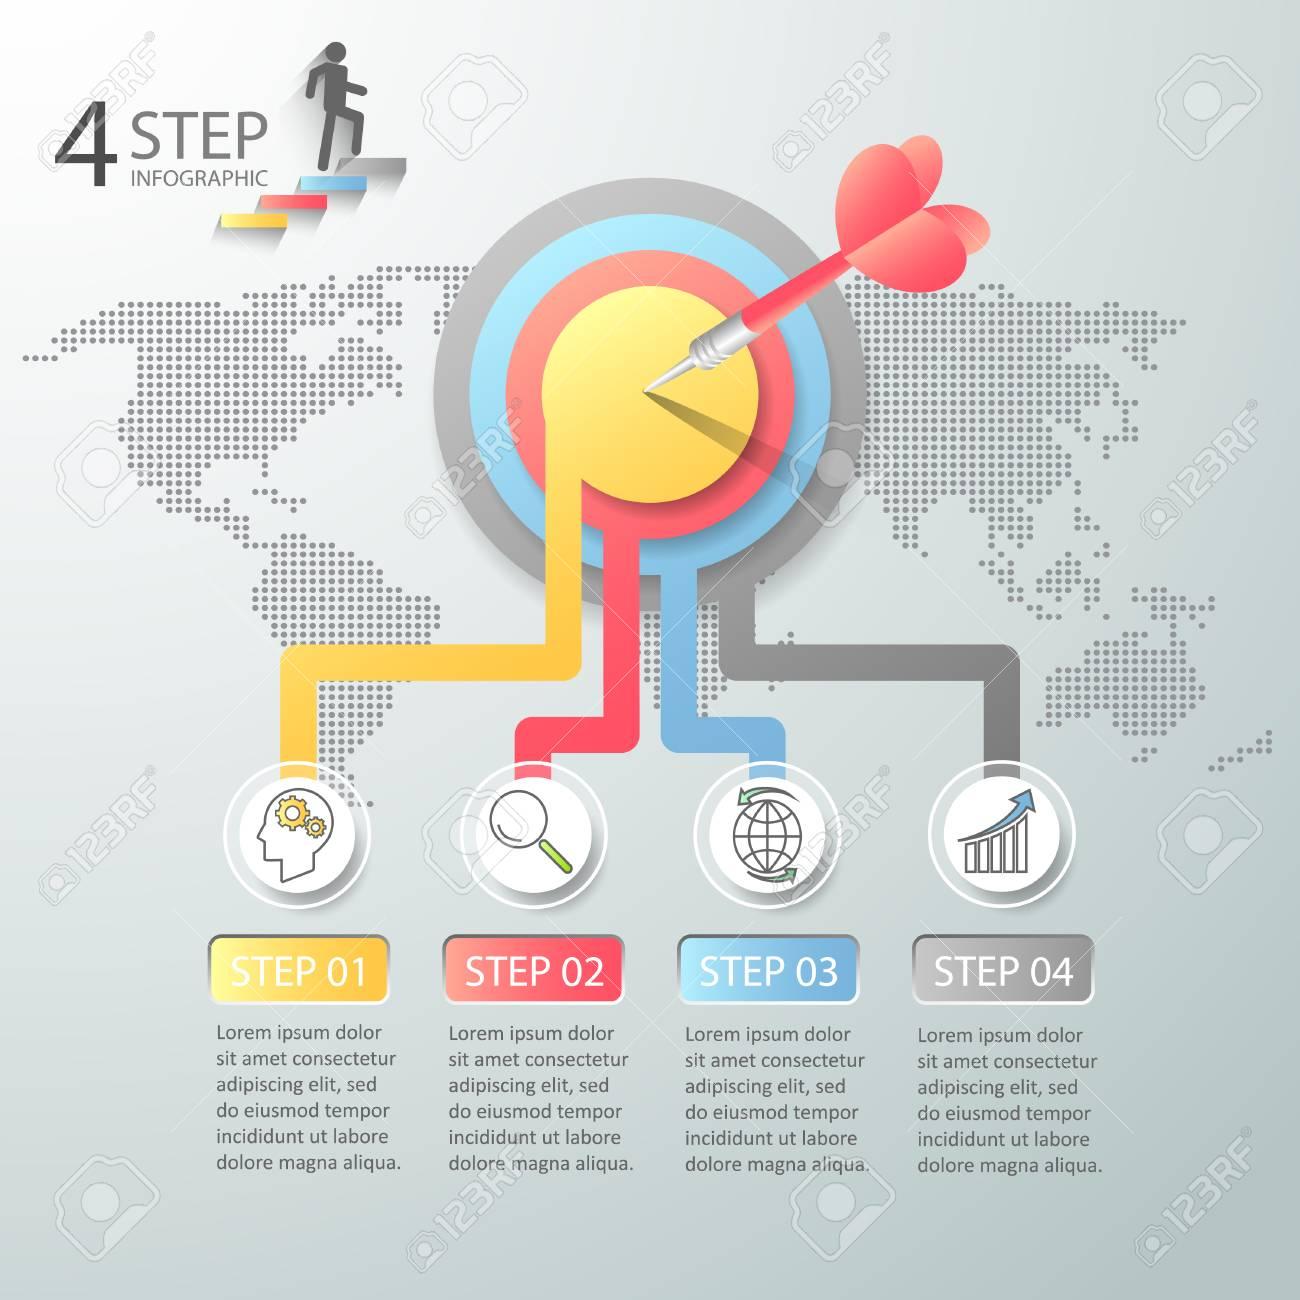 Options De Conception Infographie 4 Business Concept Infographique Peut être Utilisé Pour La Mise En Page De Flux De Travail Diagramme Options De